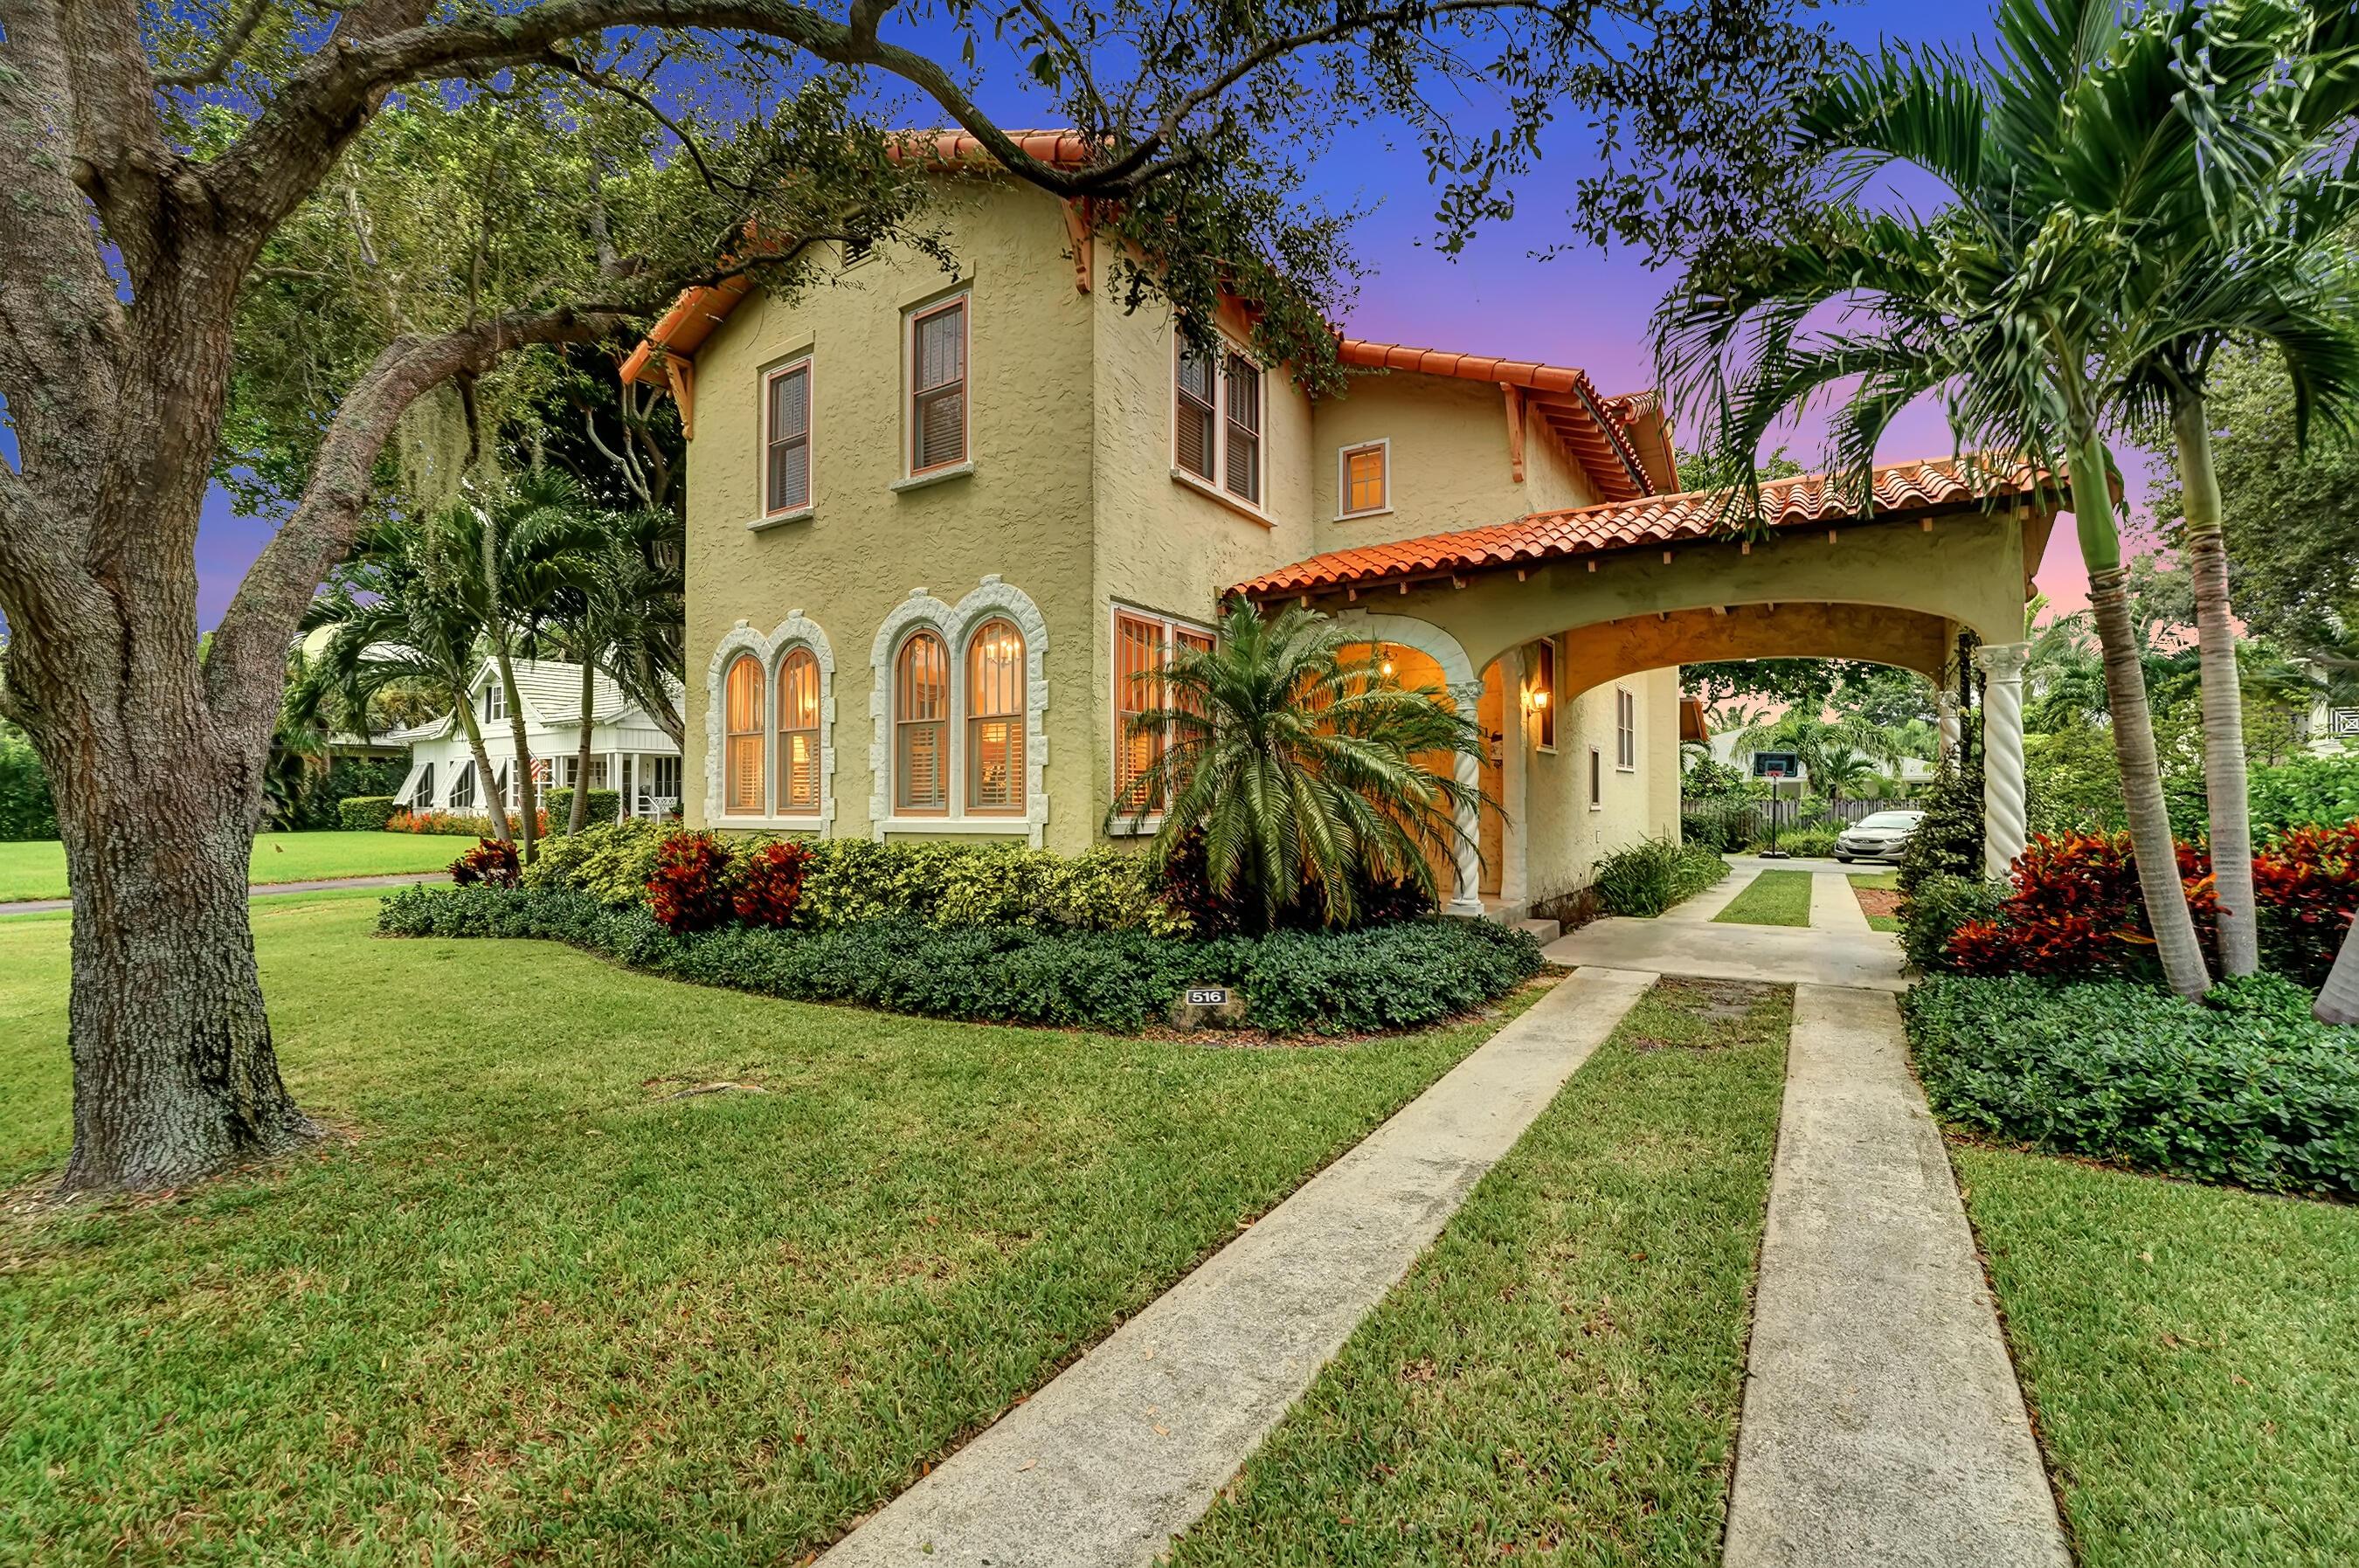 516 Swinton Avenue, Delray Beach, Florida 33444, 4 Bedrooms Bedrooms, ,3 BathroomsBathrooms,Single Family Detached,For Sale,Swinton,RX-10744494